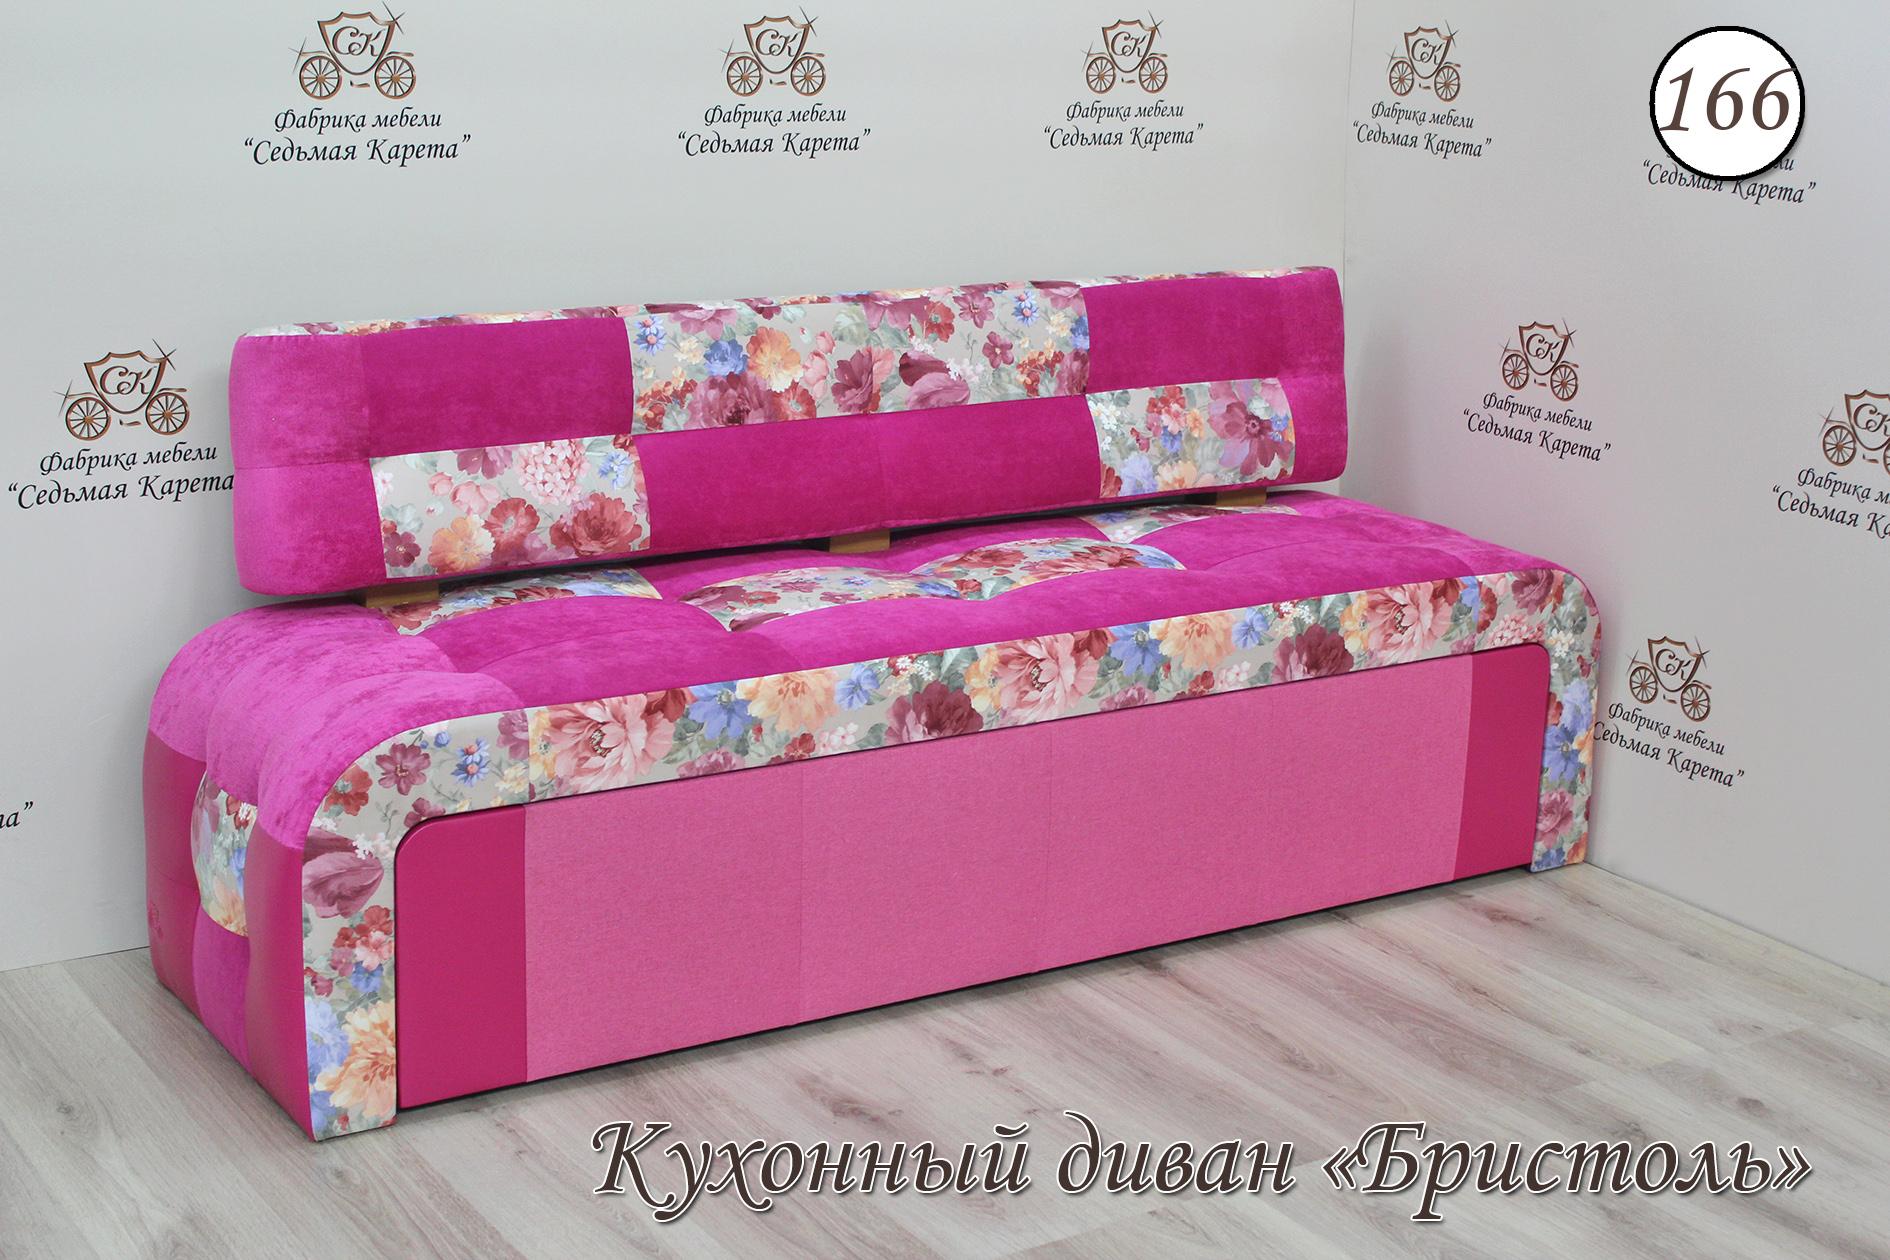 Кухонный диван Бристоль-166 — Кухонный диван Бристоль